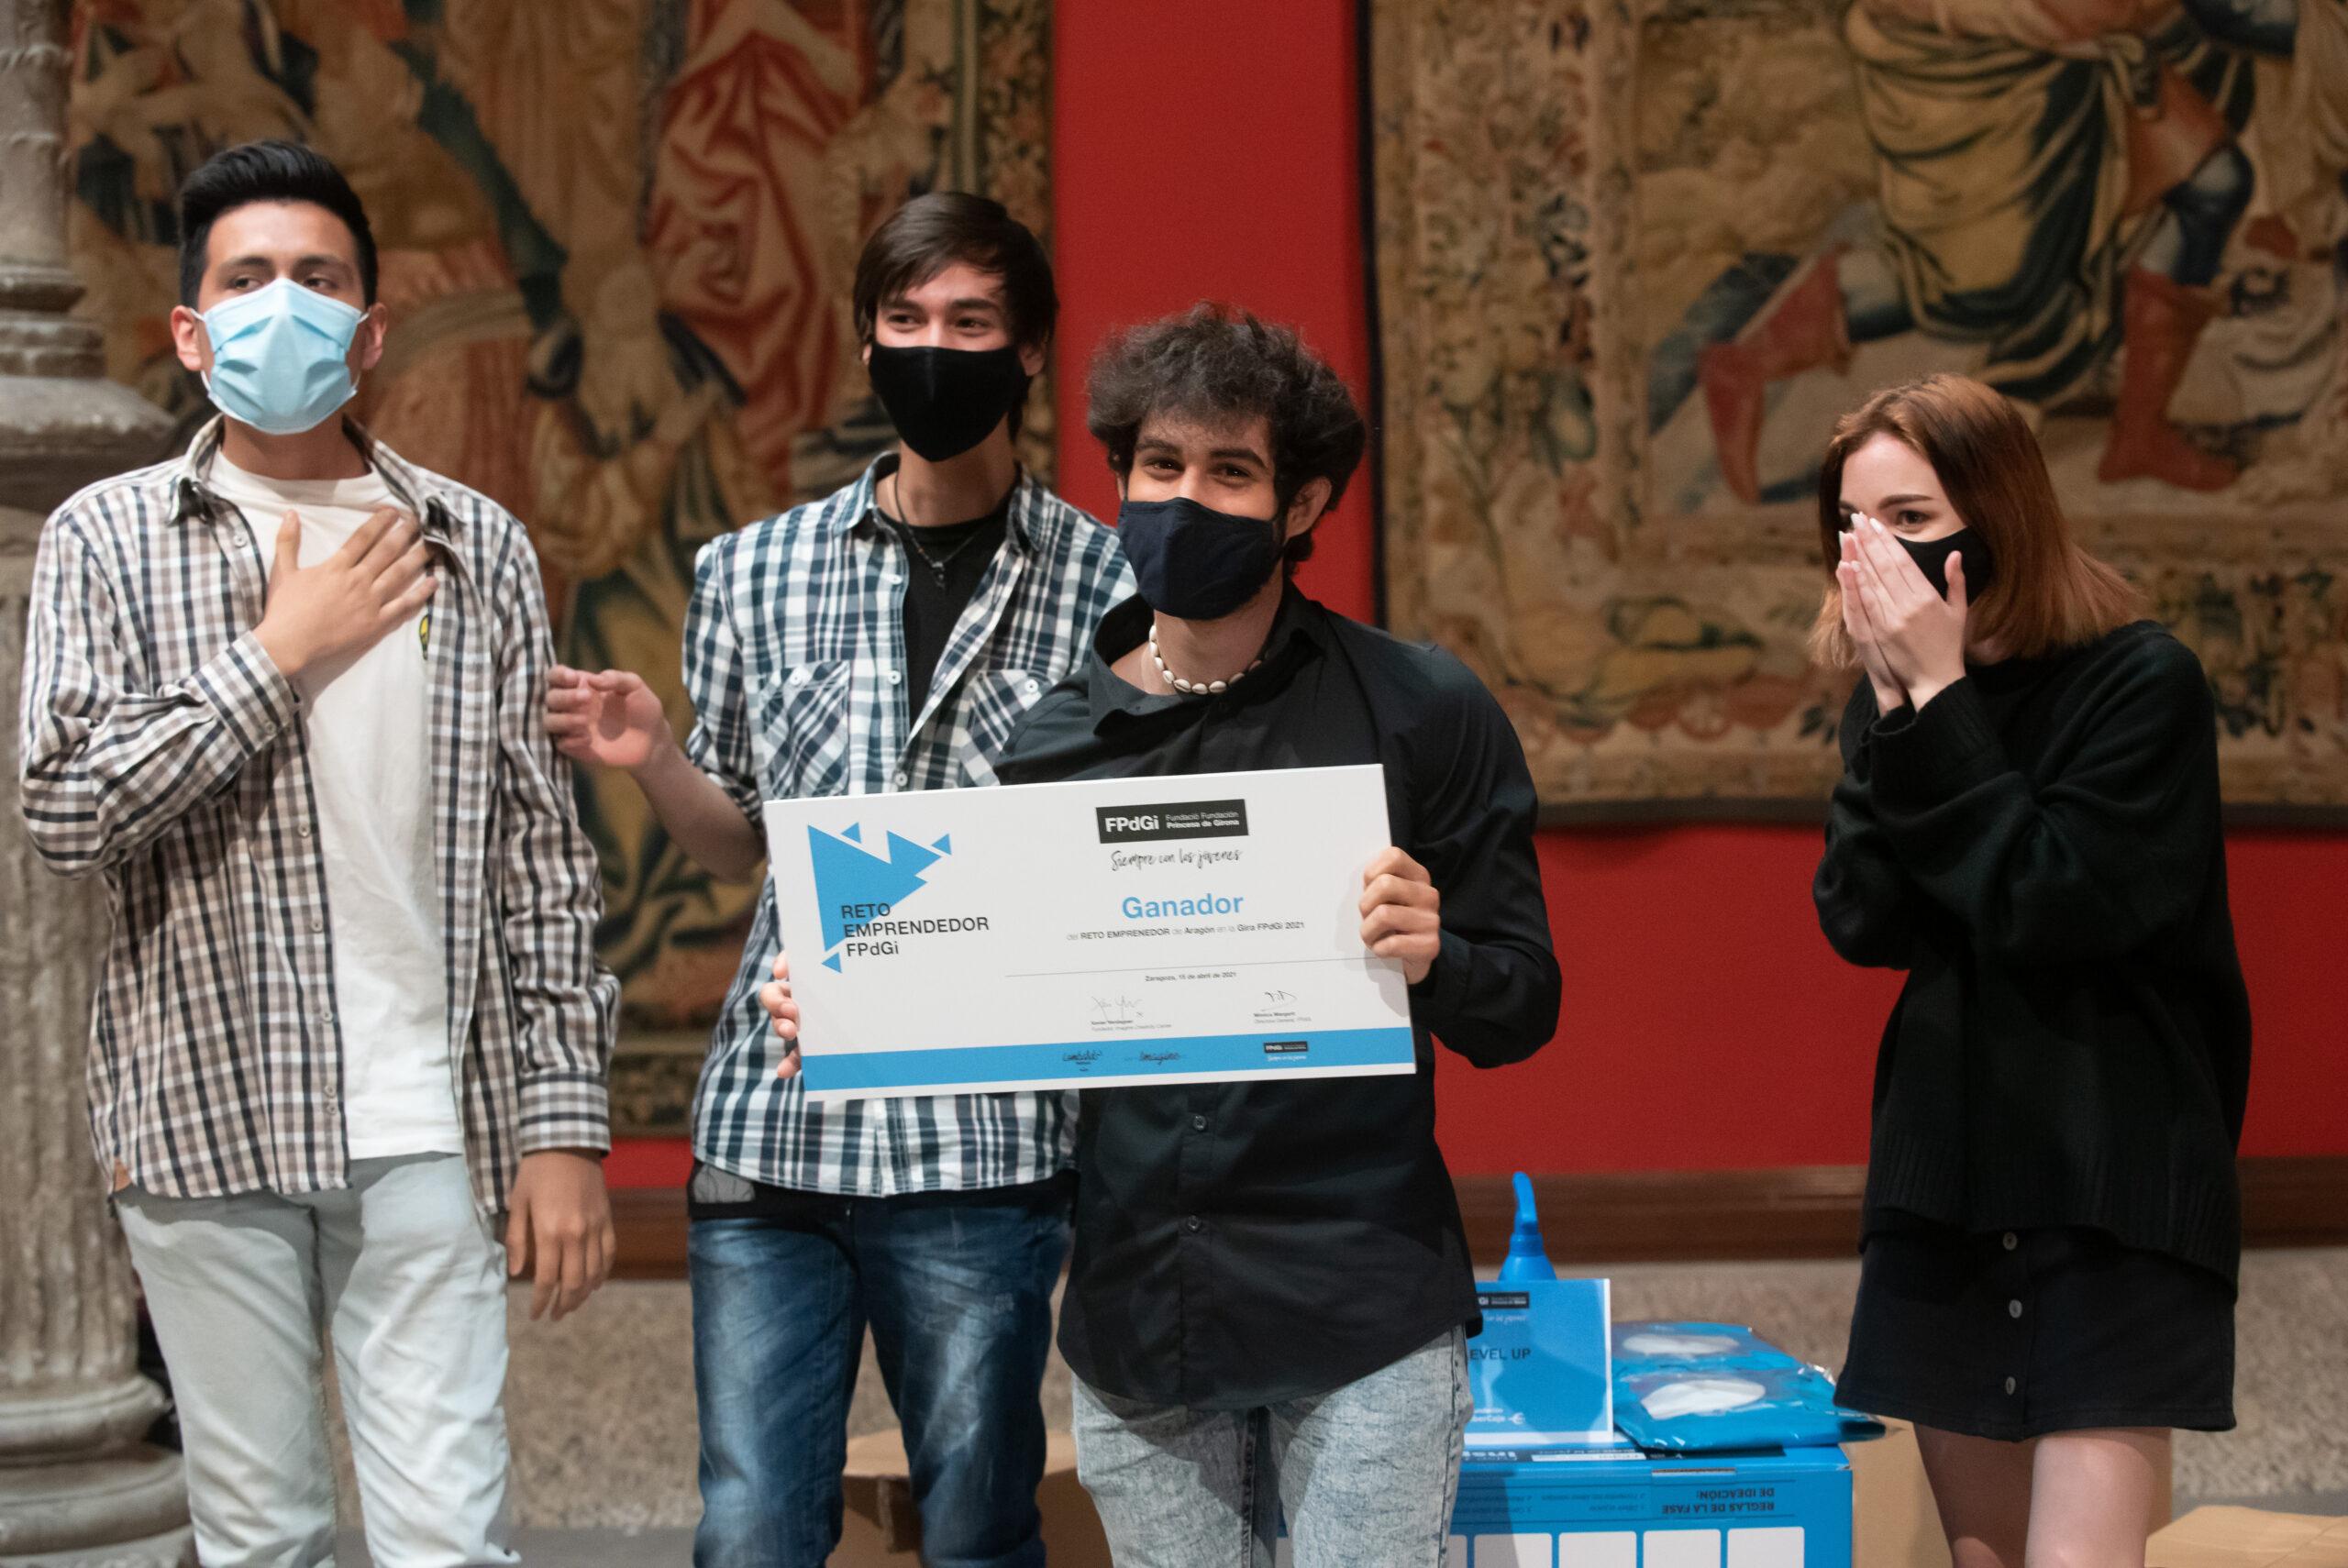 La gran final del Reto Emprendedor se celebrará este viernes en Zaragoza